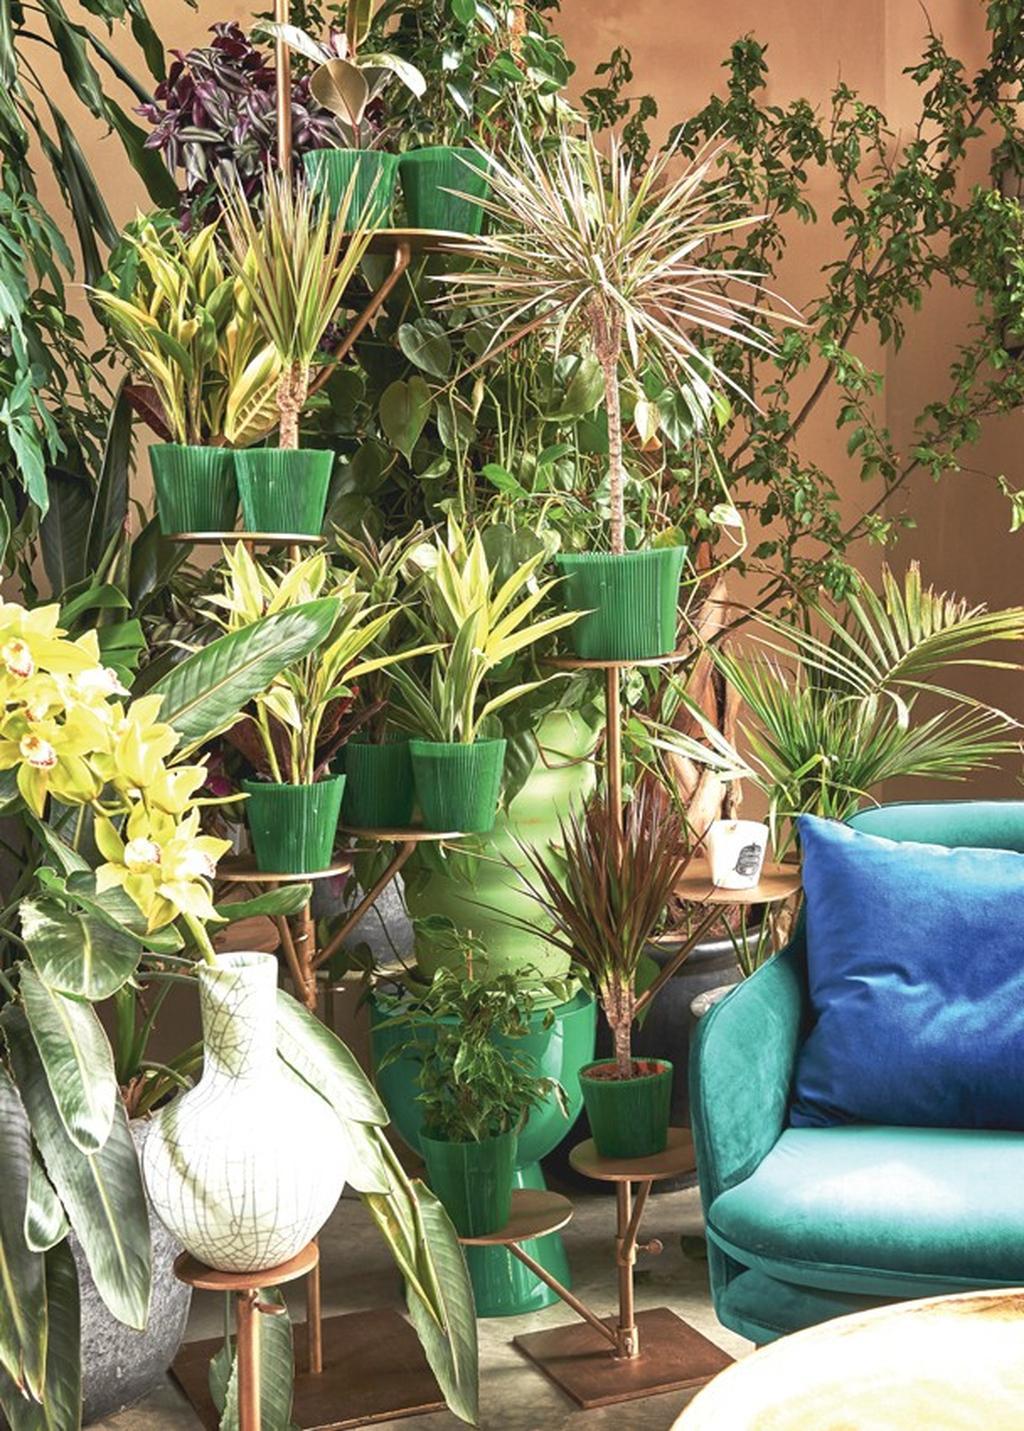 """ג'ונגל בבית – הצעת הגשה עיצובית, קולקציית Pols Potten בגלוריה מונדי. צילום: יח""""צ"""